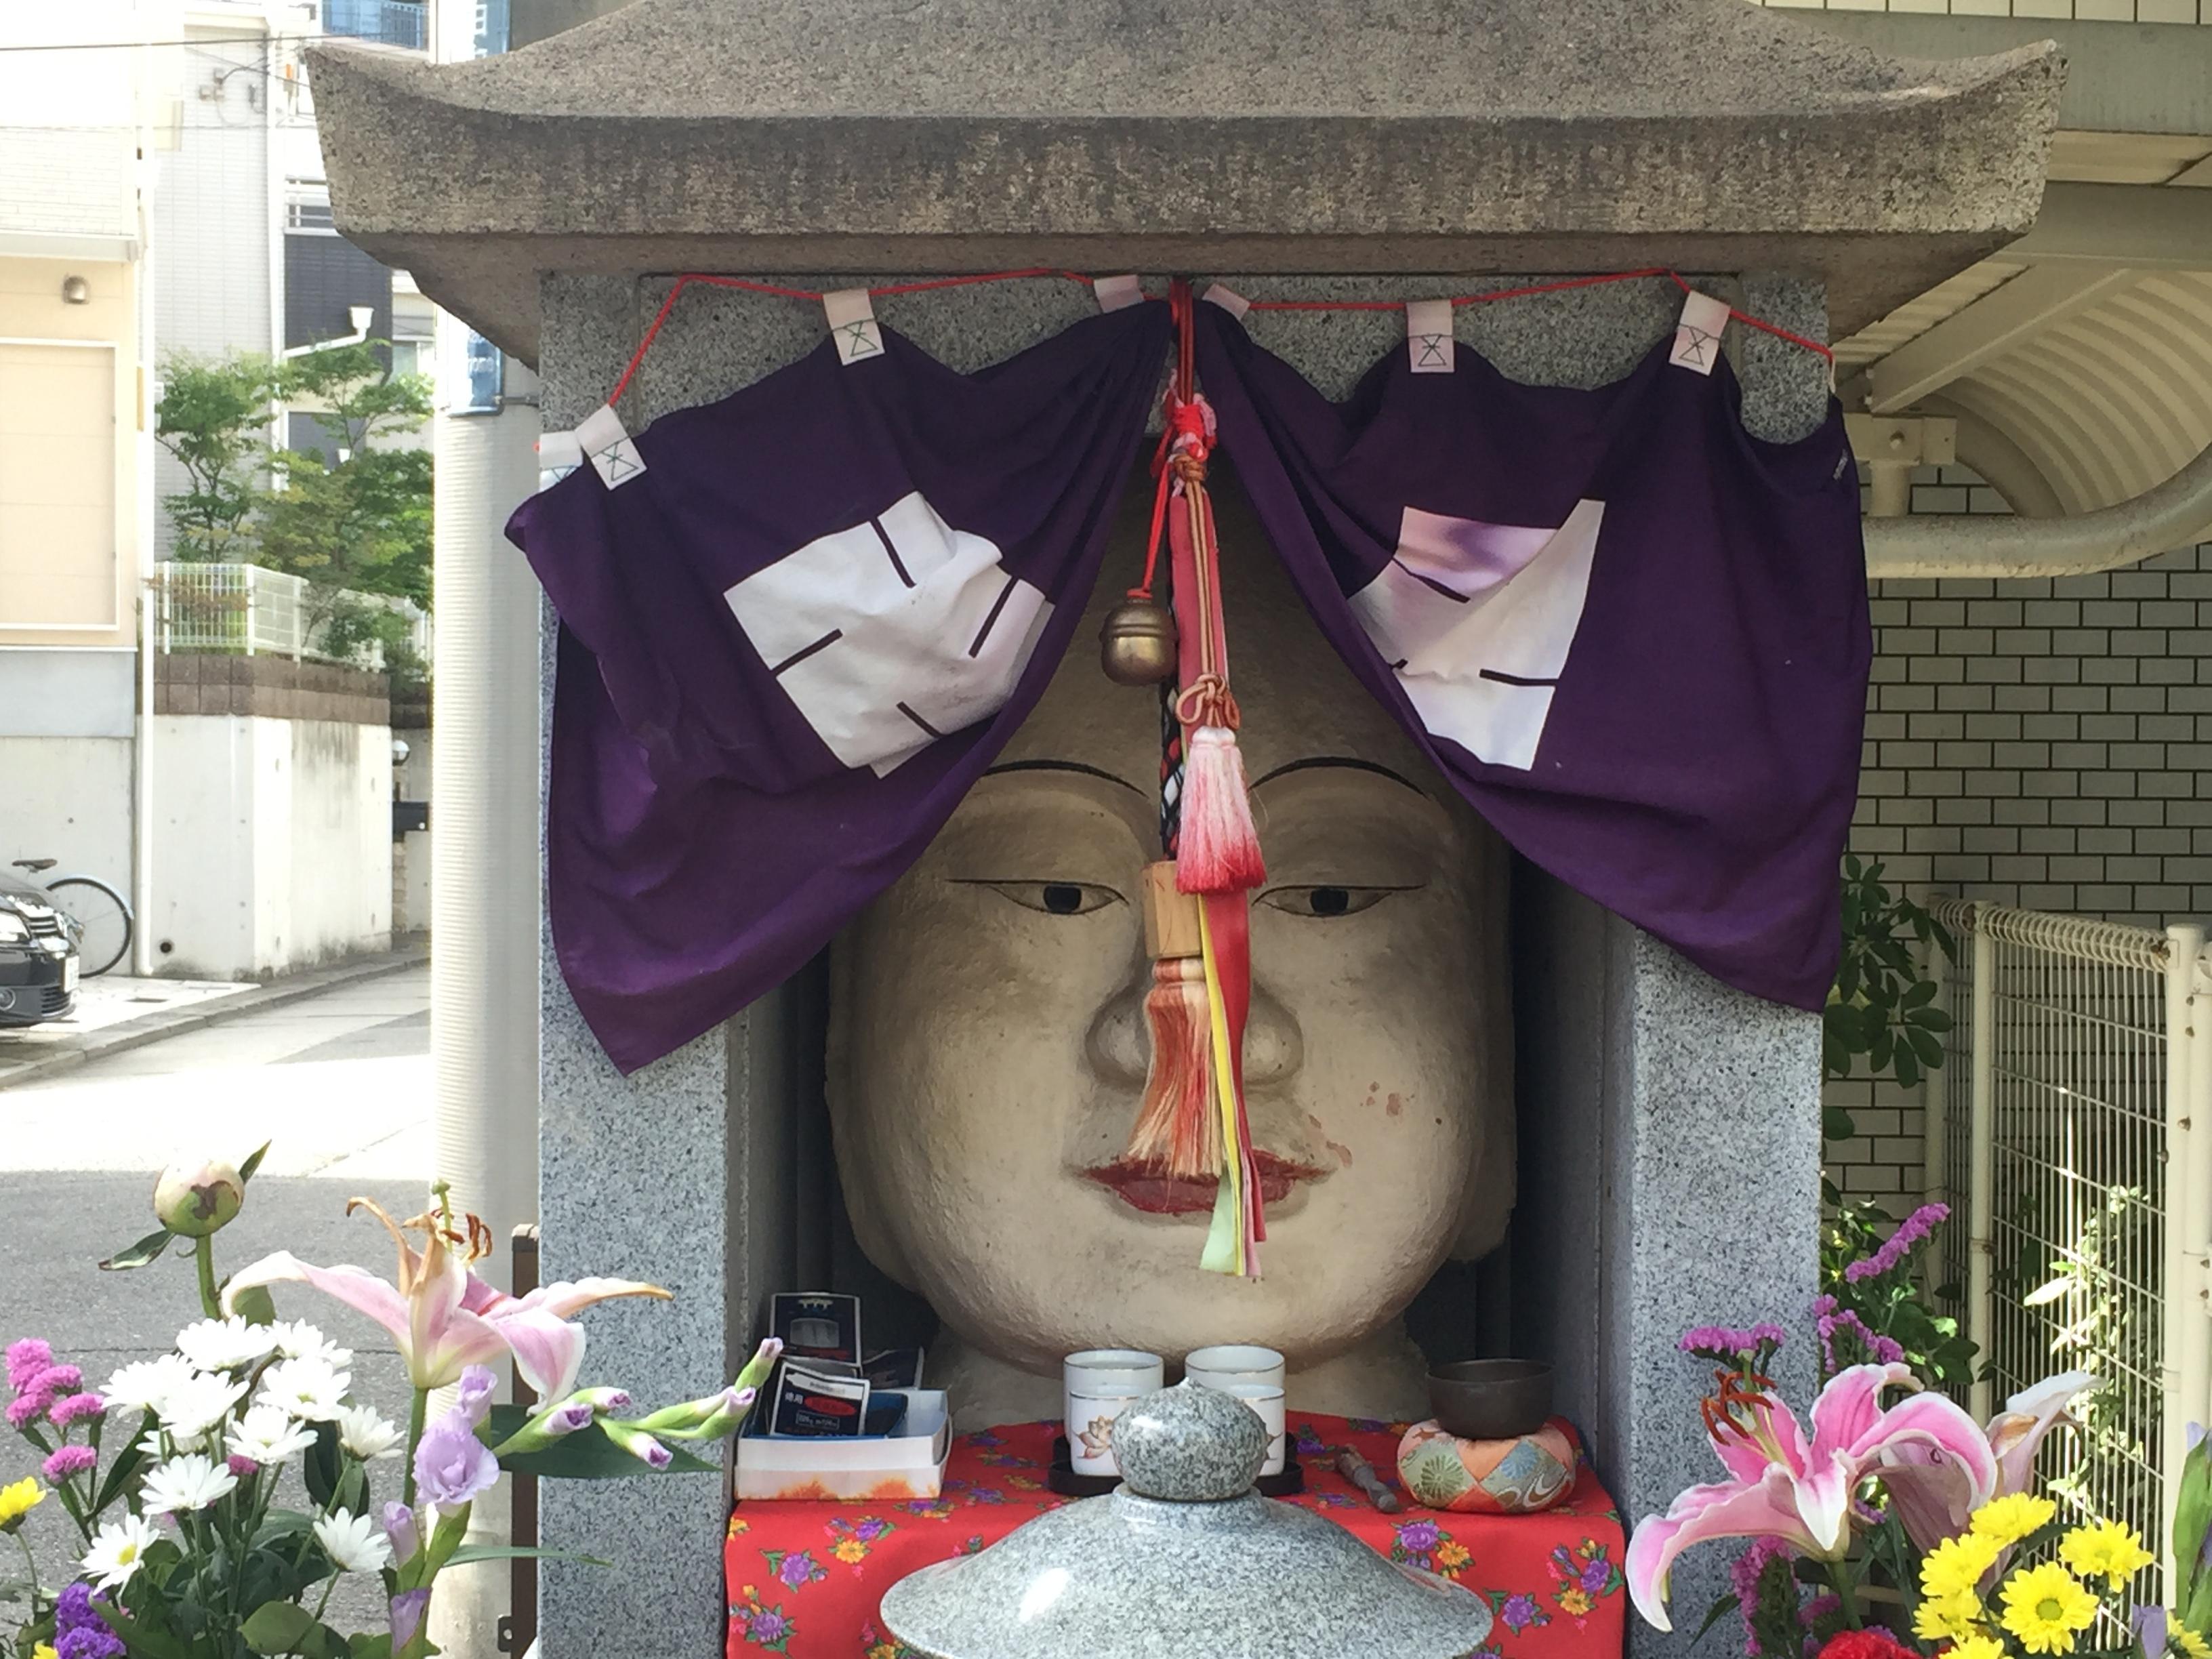 神戸・JR住吉東にある「くび地蔵」のインパクトにびっくり!【街散策レポ】